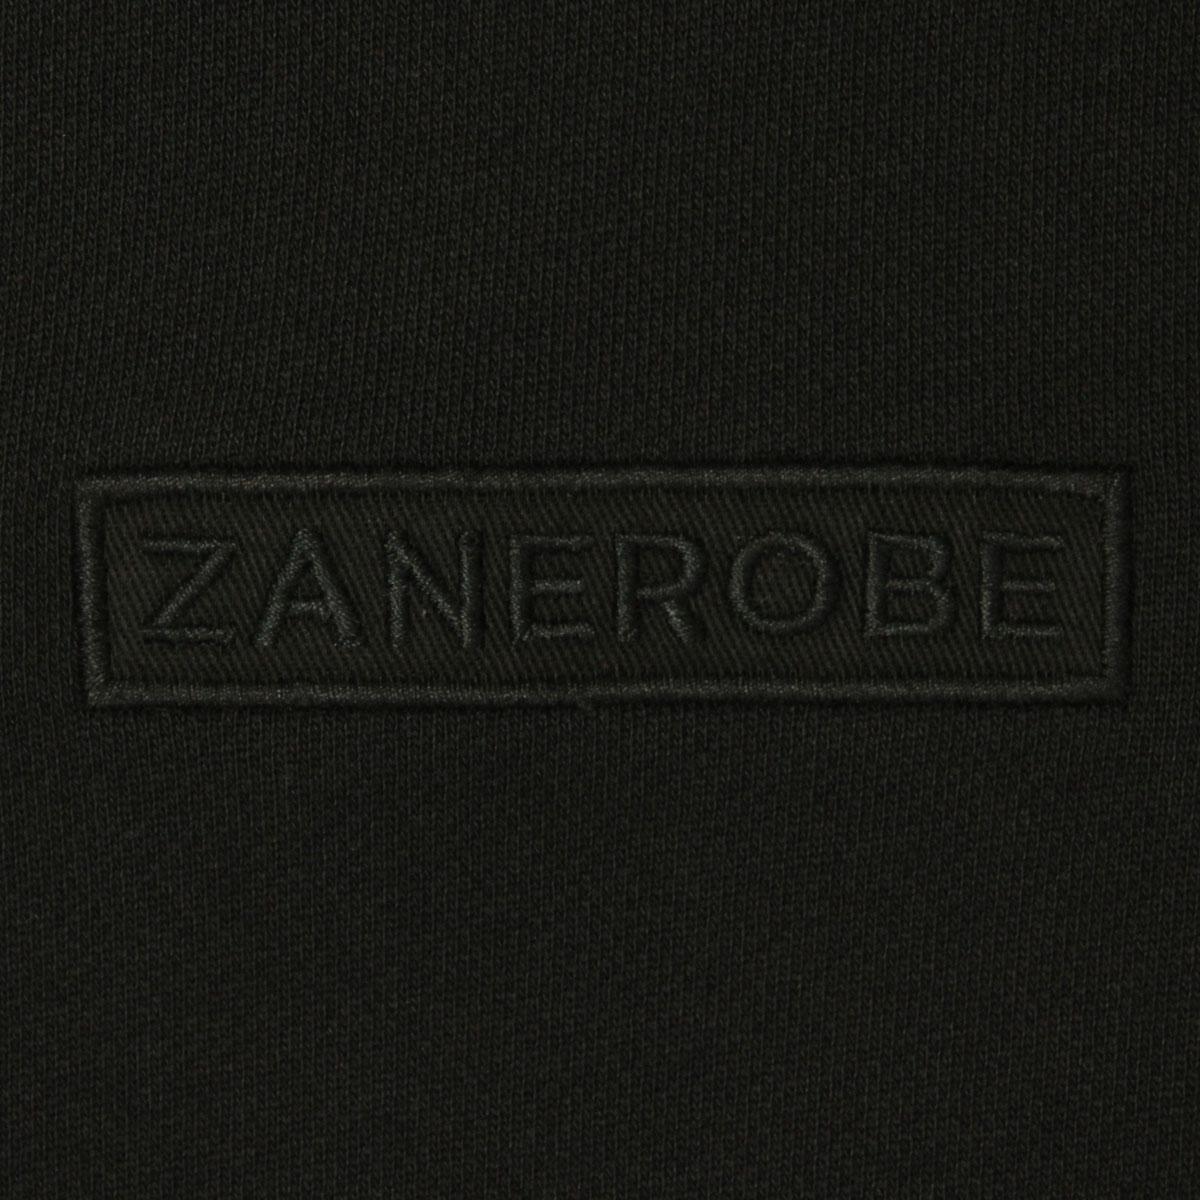 ゼンローブ パーカー メンズ 正規販売店 ZANEROBE プルオーバーパーカー TM RUGGER HOOD 409-TDK BLACK A13B B1C C1D D5E E13F ホワイトデー 2021 ラッピング無料